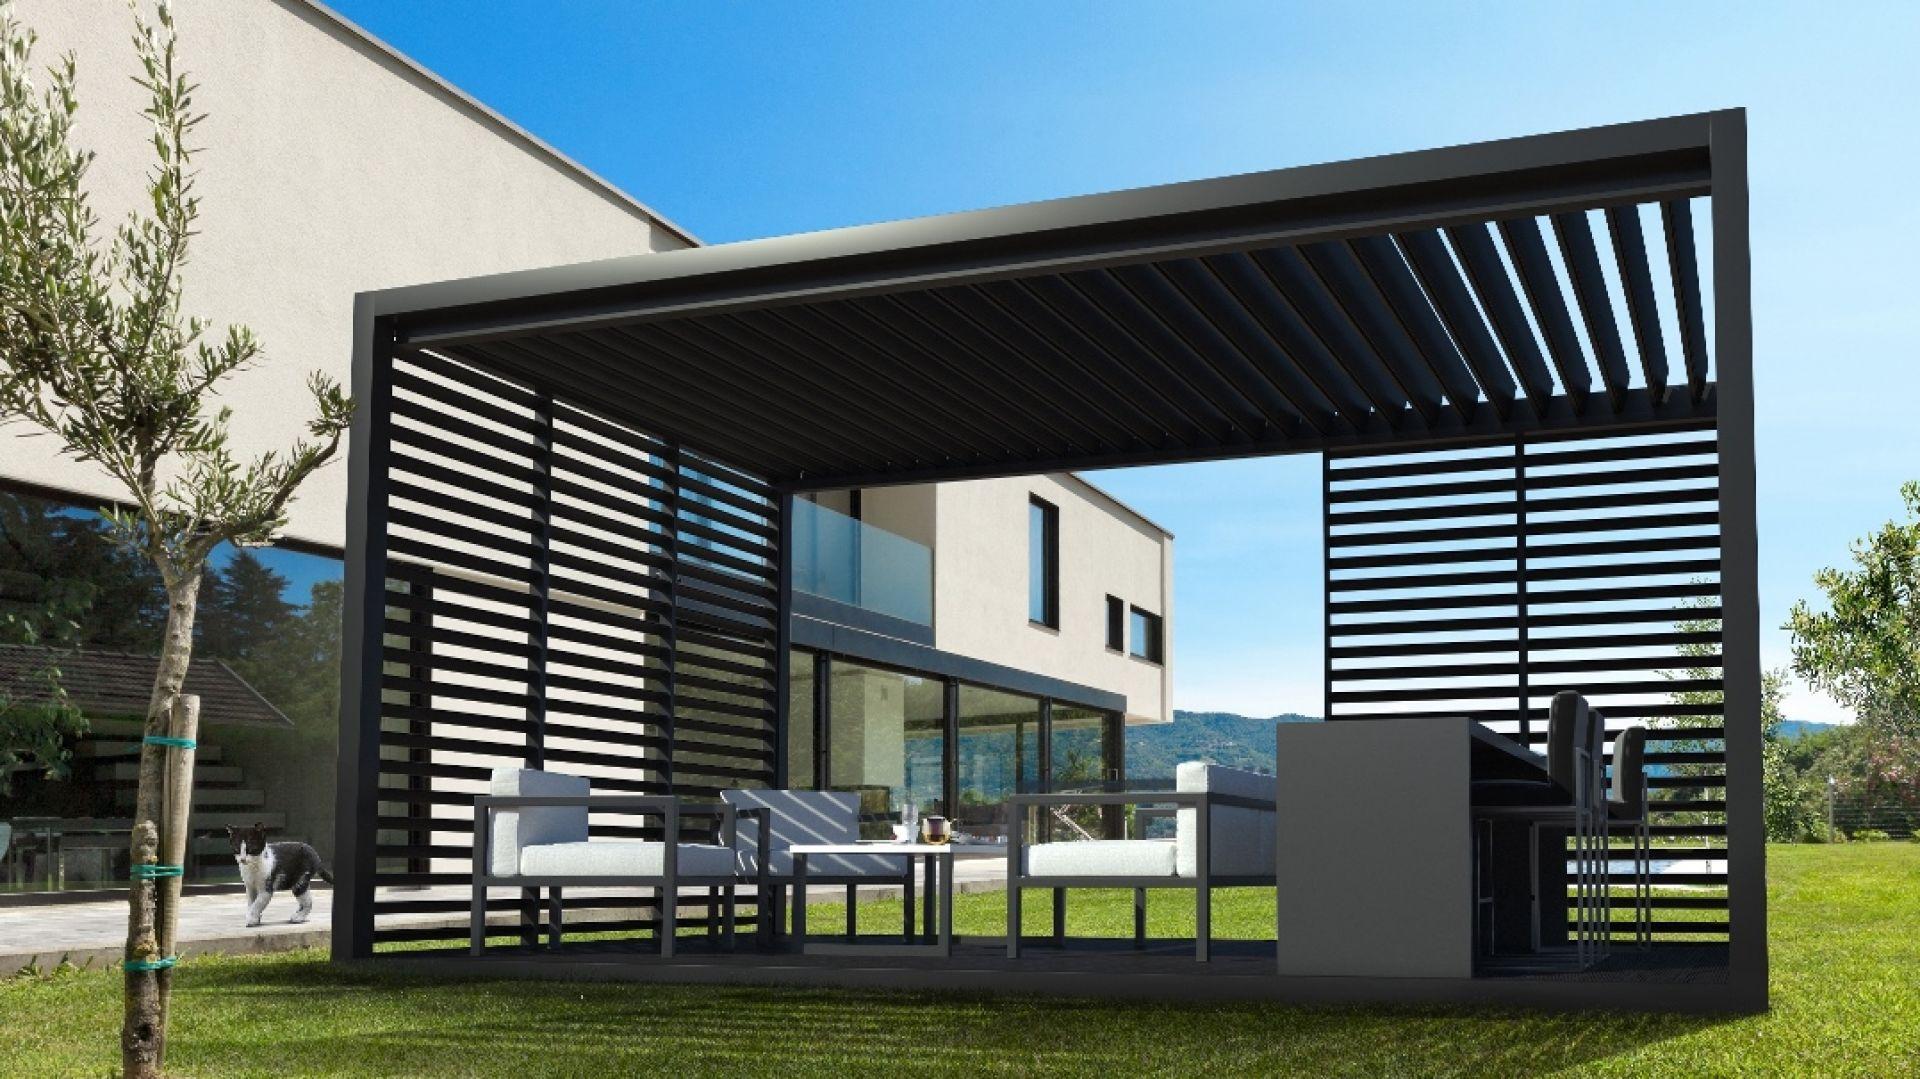 Pergole wolnostojące oferowane prze Cube Garden nie wymagają budowy fundamentu. Konstrukcję można postawić na tarasie, nad basenem lub w ogrodzie. Fot. Cube Garden